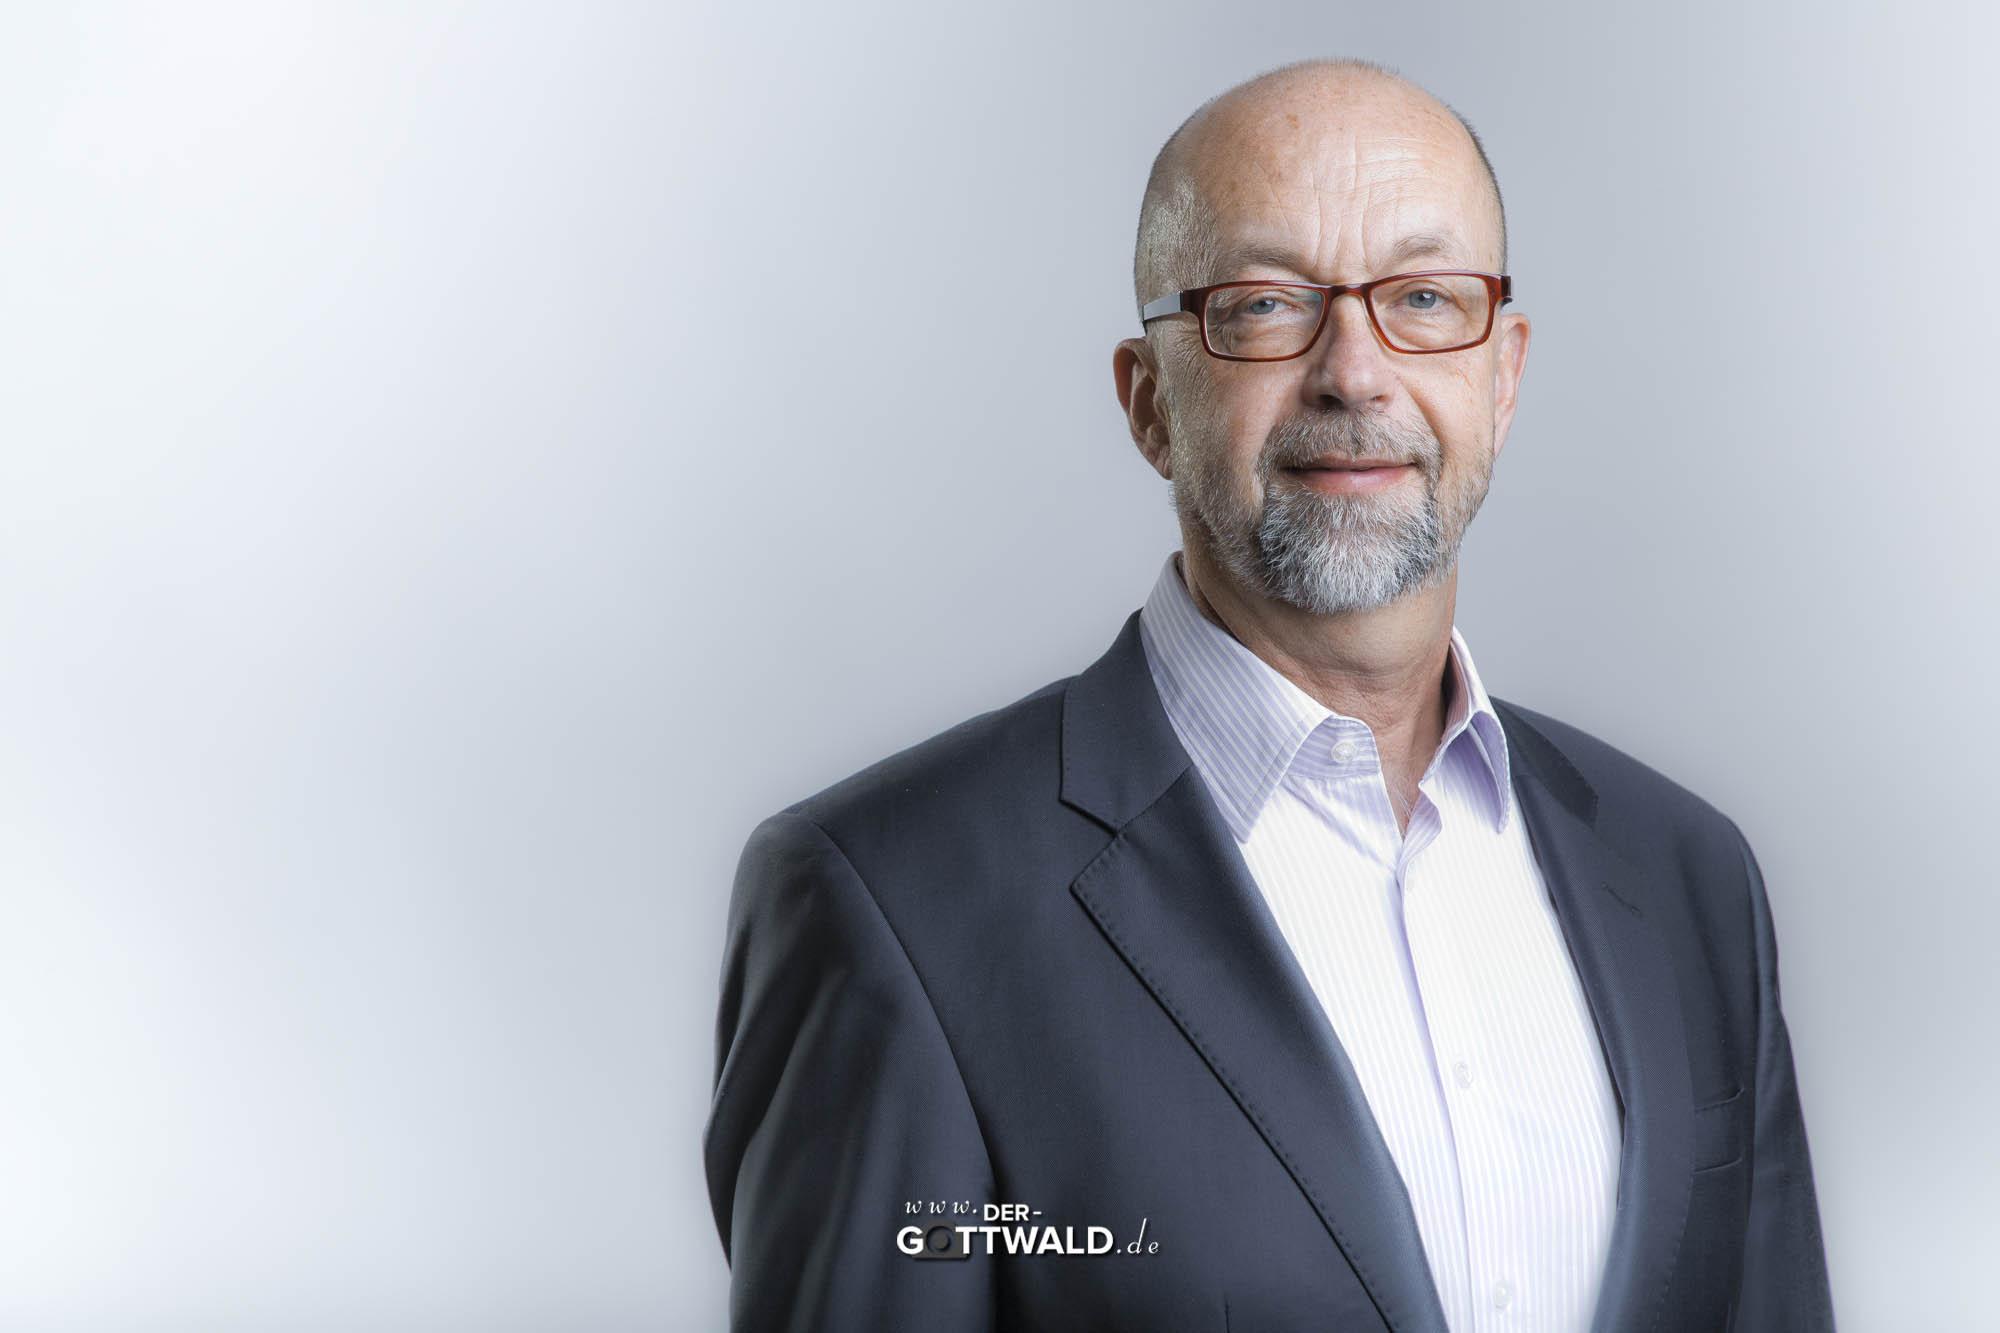 der-gottwaldDE - Business-Portrait 16.jpg